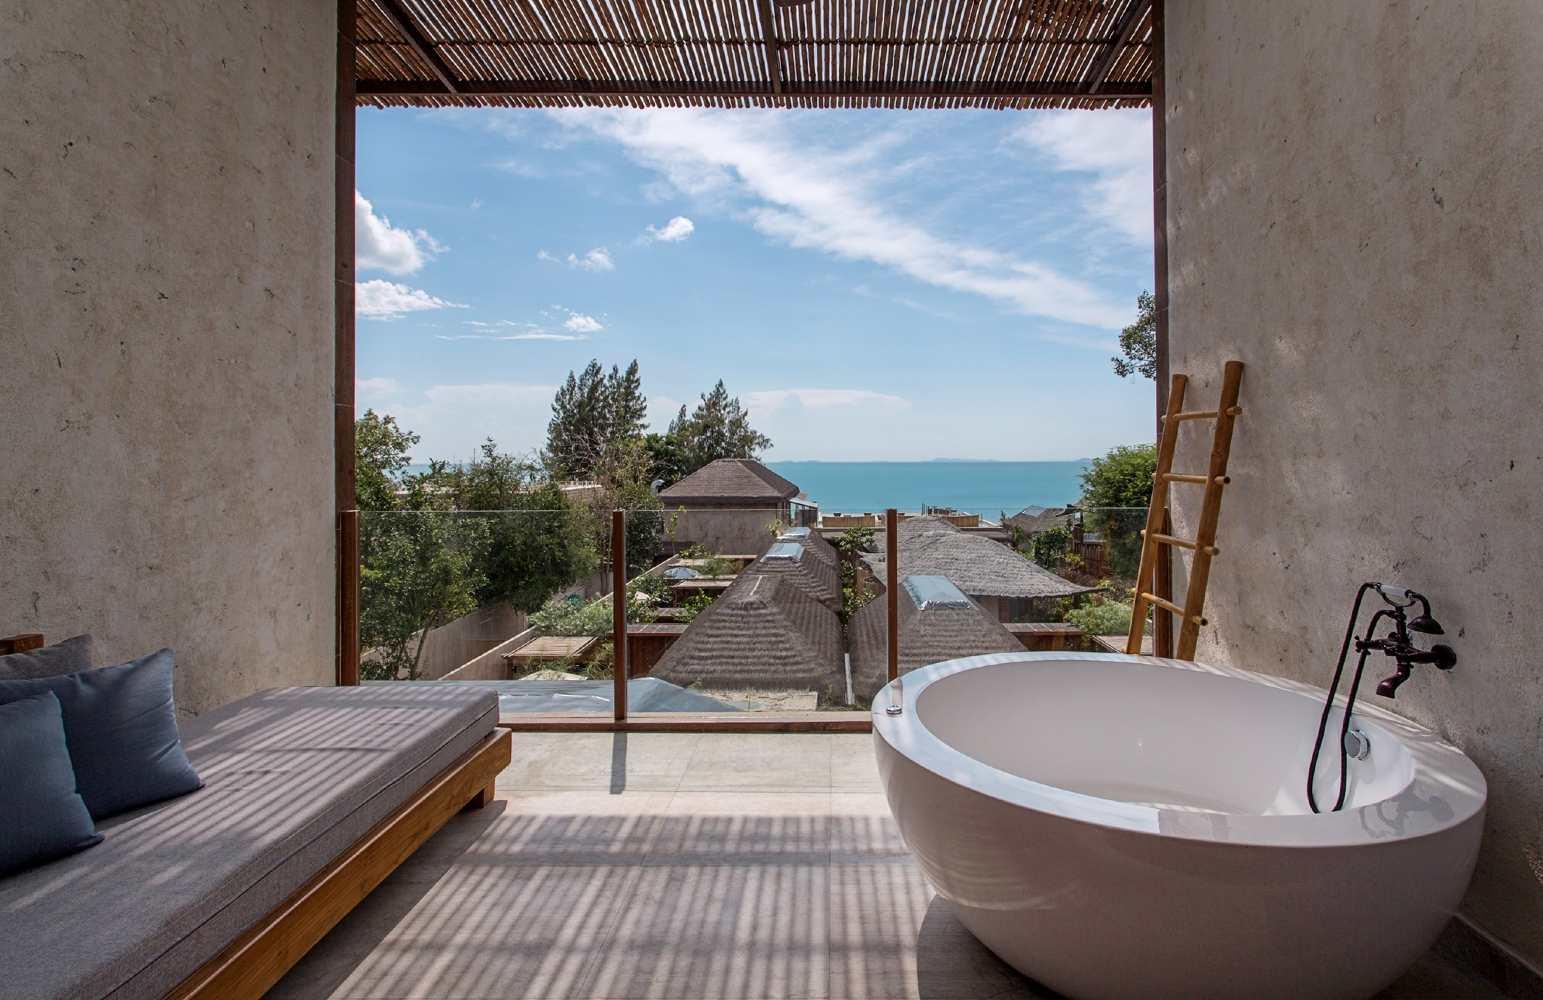 Balkon met bad en Lounge bank